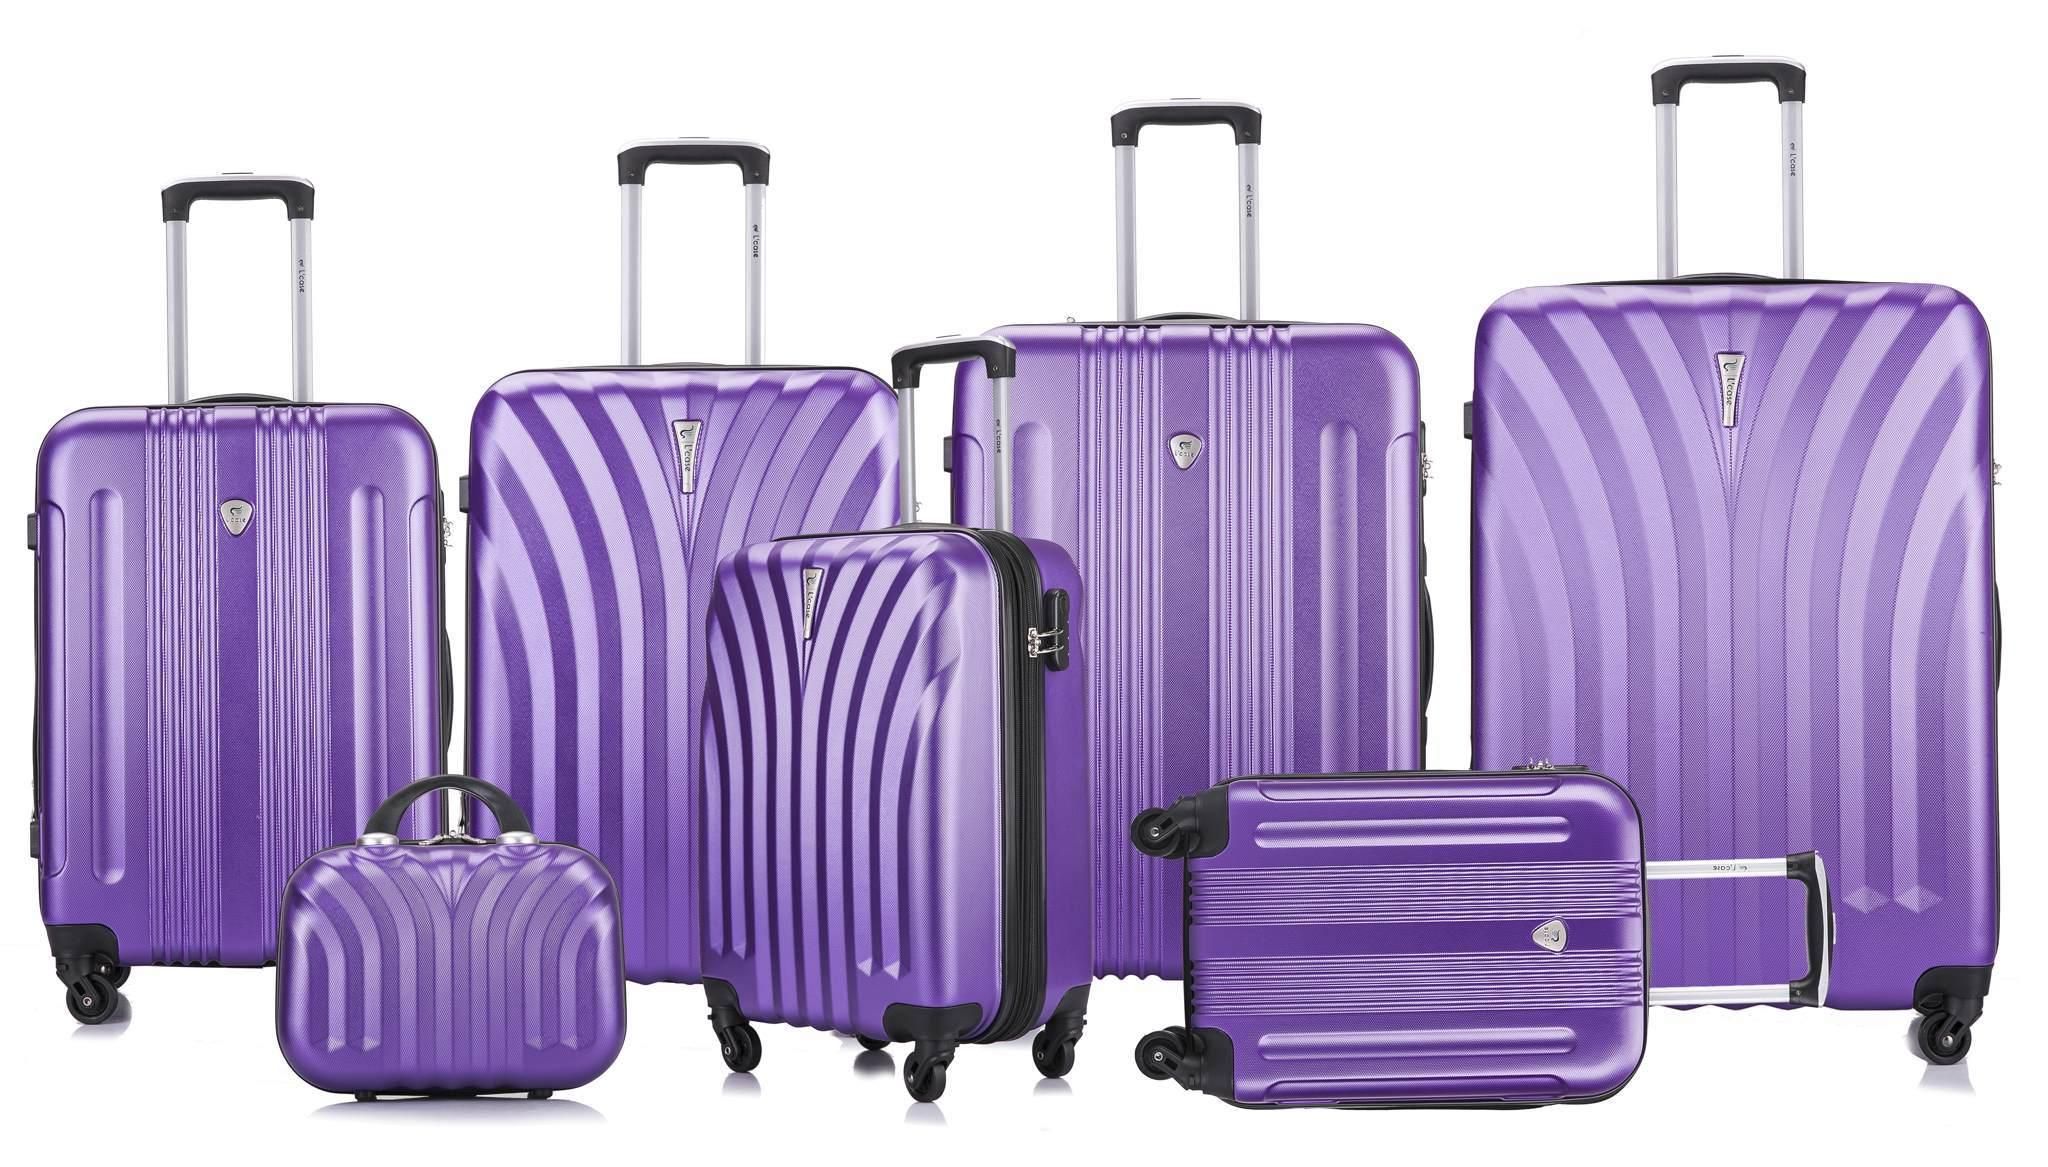 Чемодан с расширением L'case Phuket-24 Фиолетовый (M+)